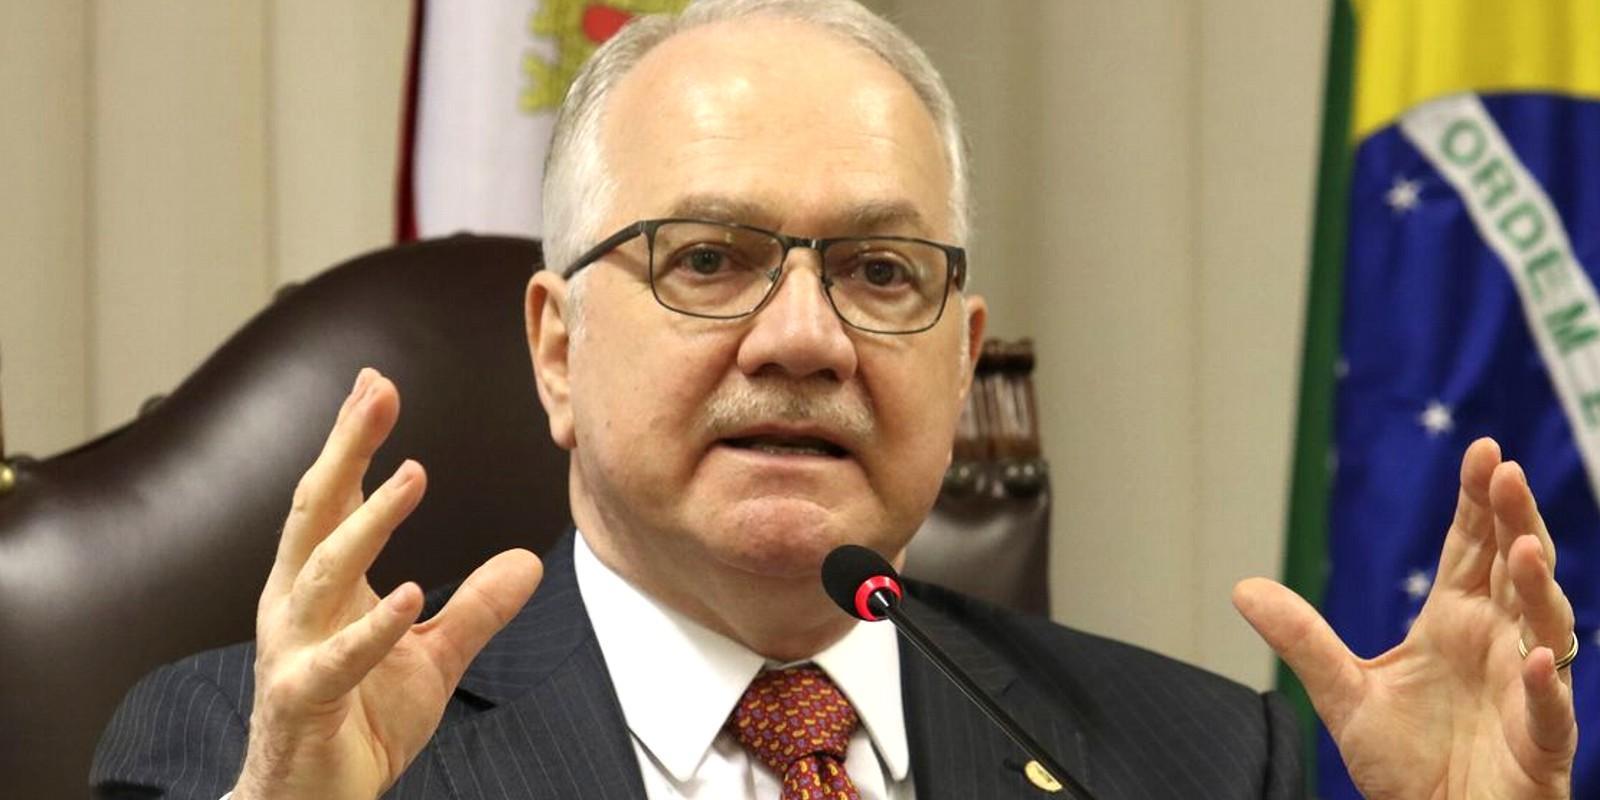 Fachin vota por receber denúncia, tornar réu e afastar ministro do TCU